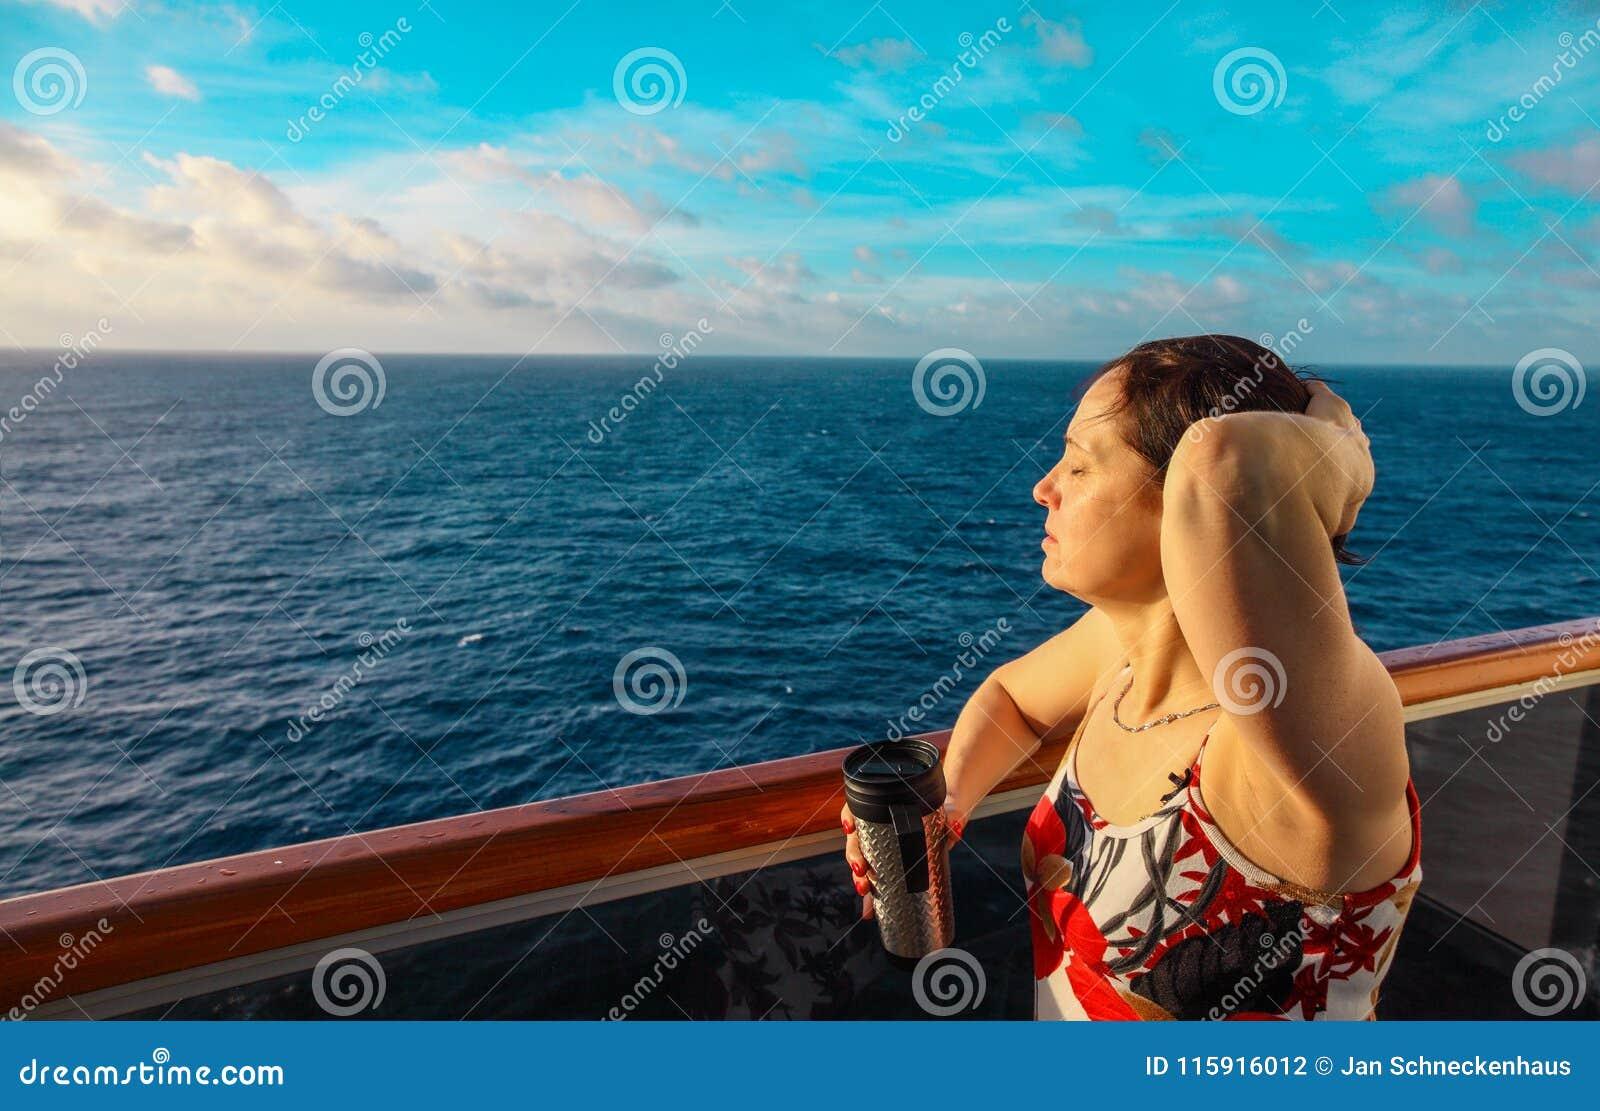 Vrouw op het balkon van een cruiseschip bij zonsopgang